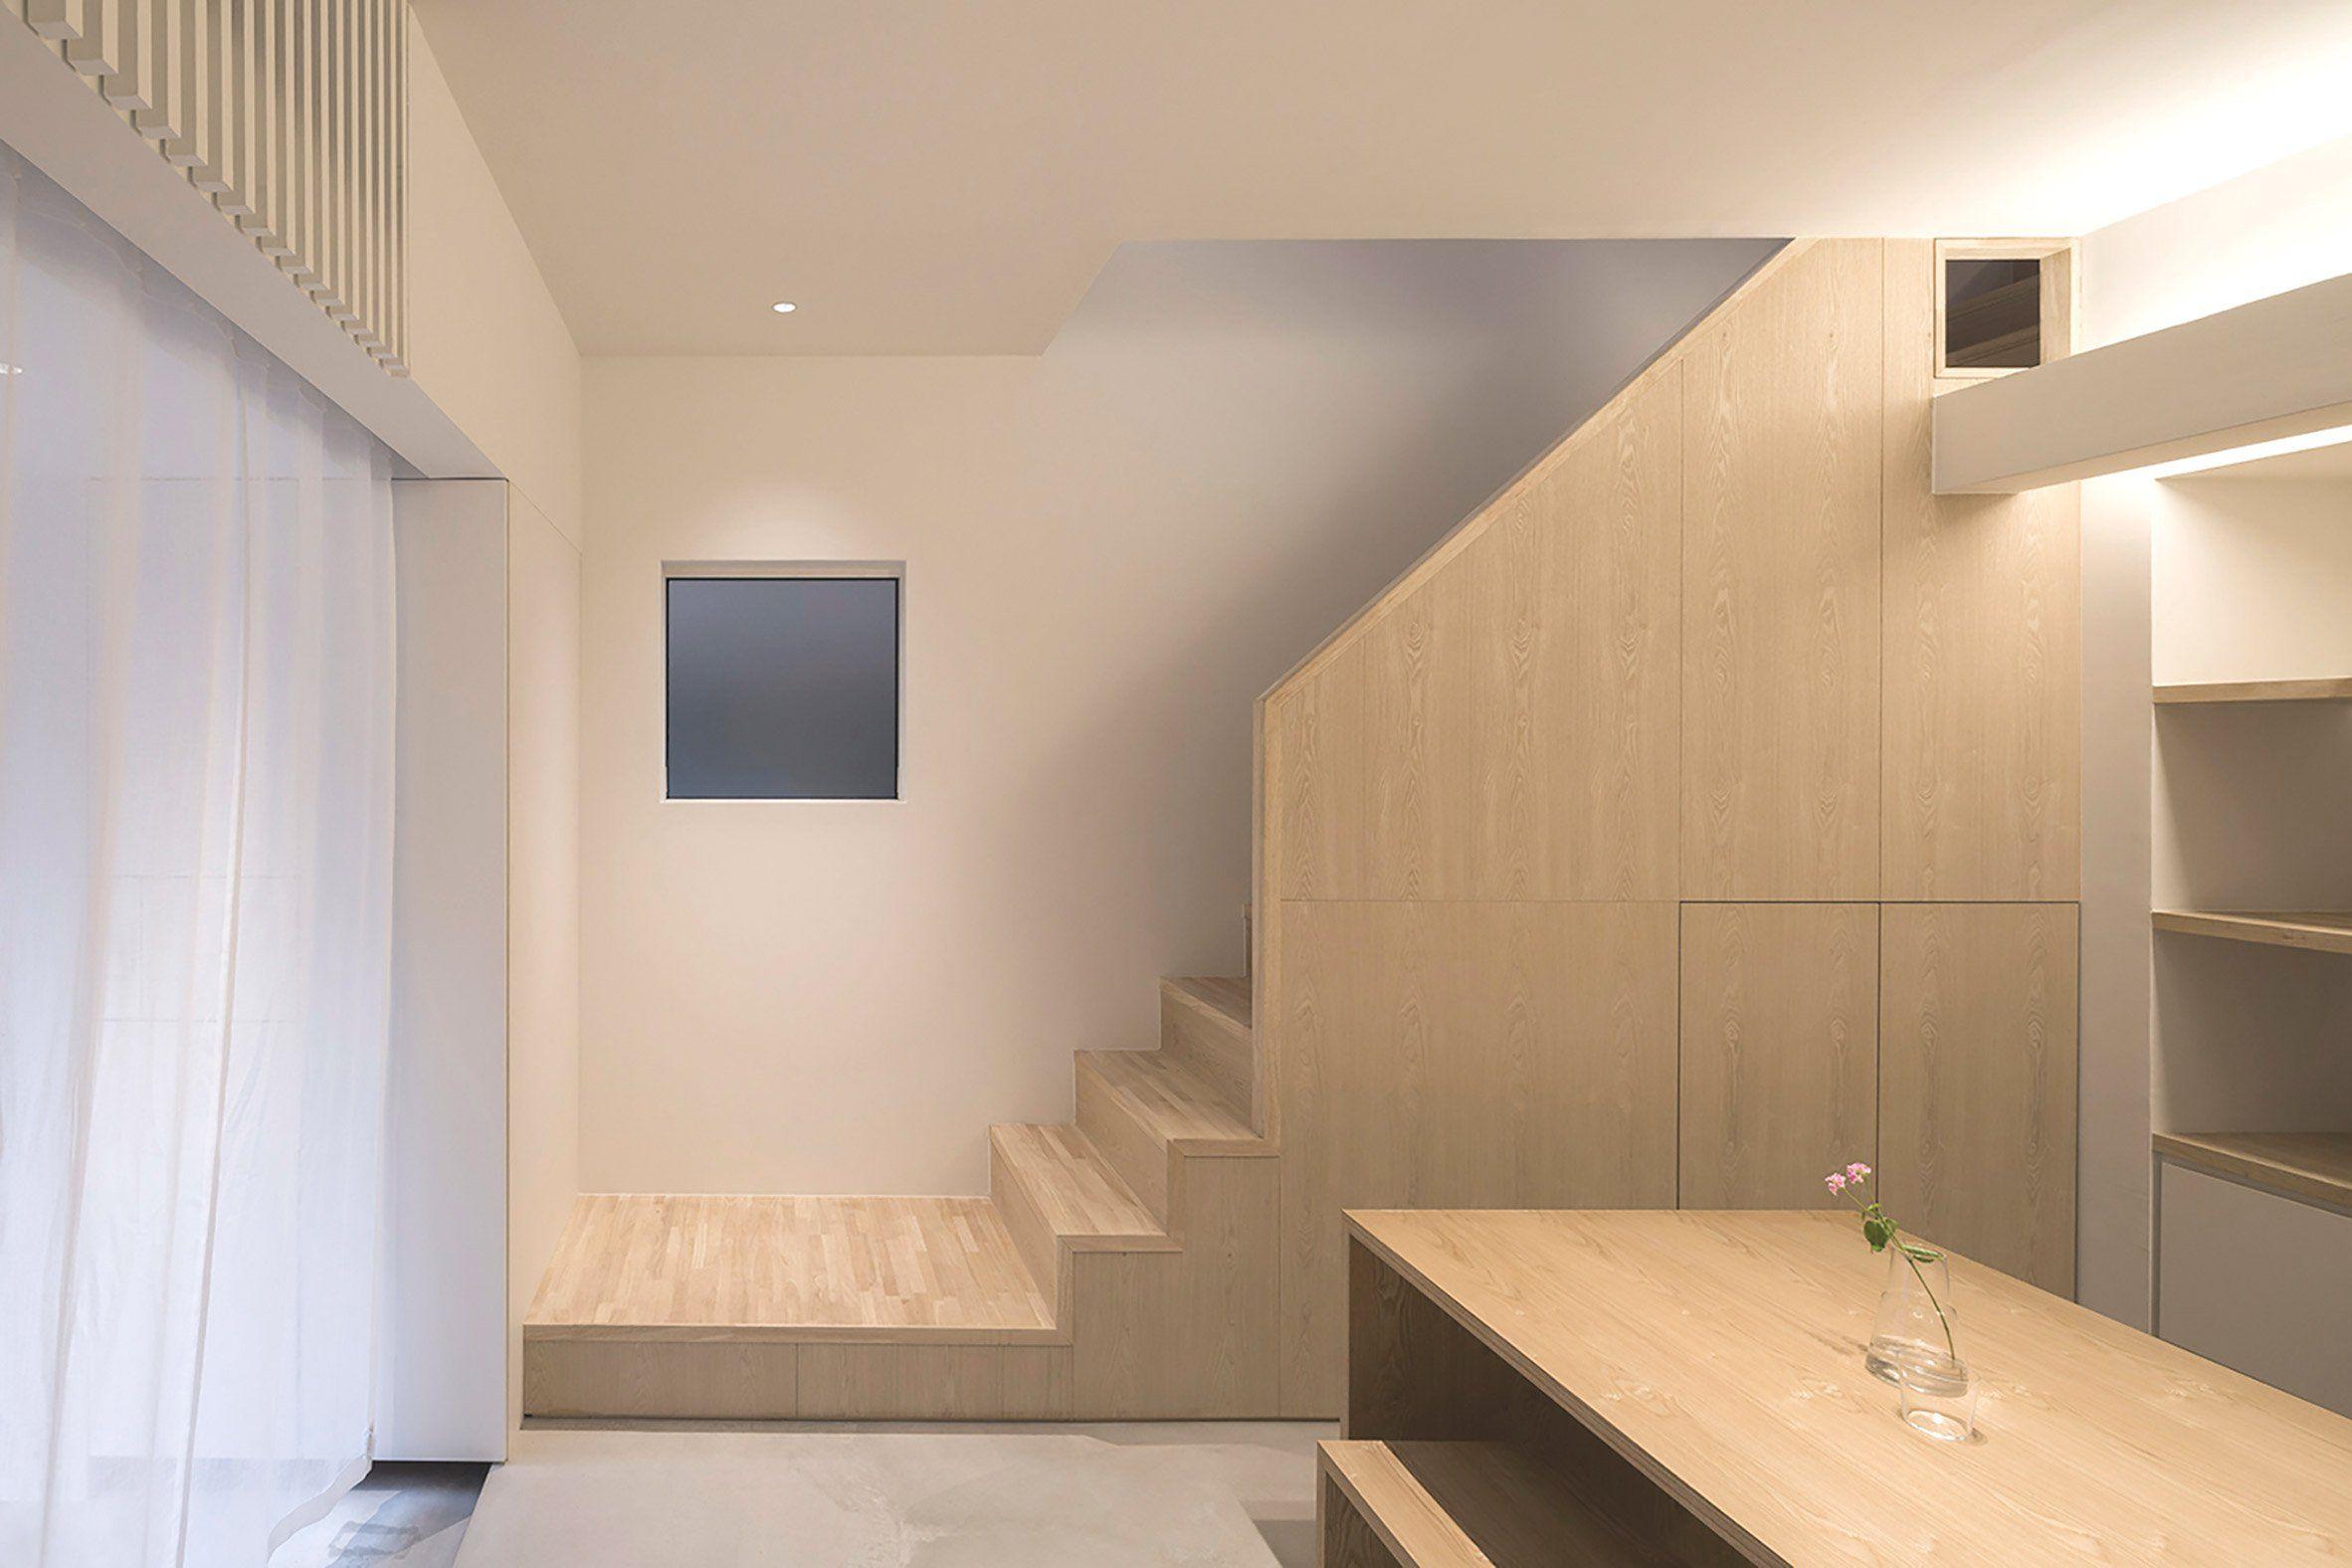 Uncategorized Cat Walkway In House graphic designers home and studio in tokyo includes cat walkway walkway